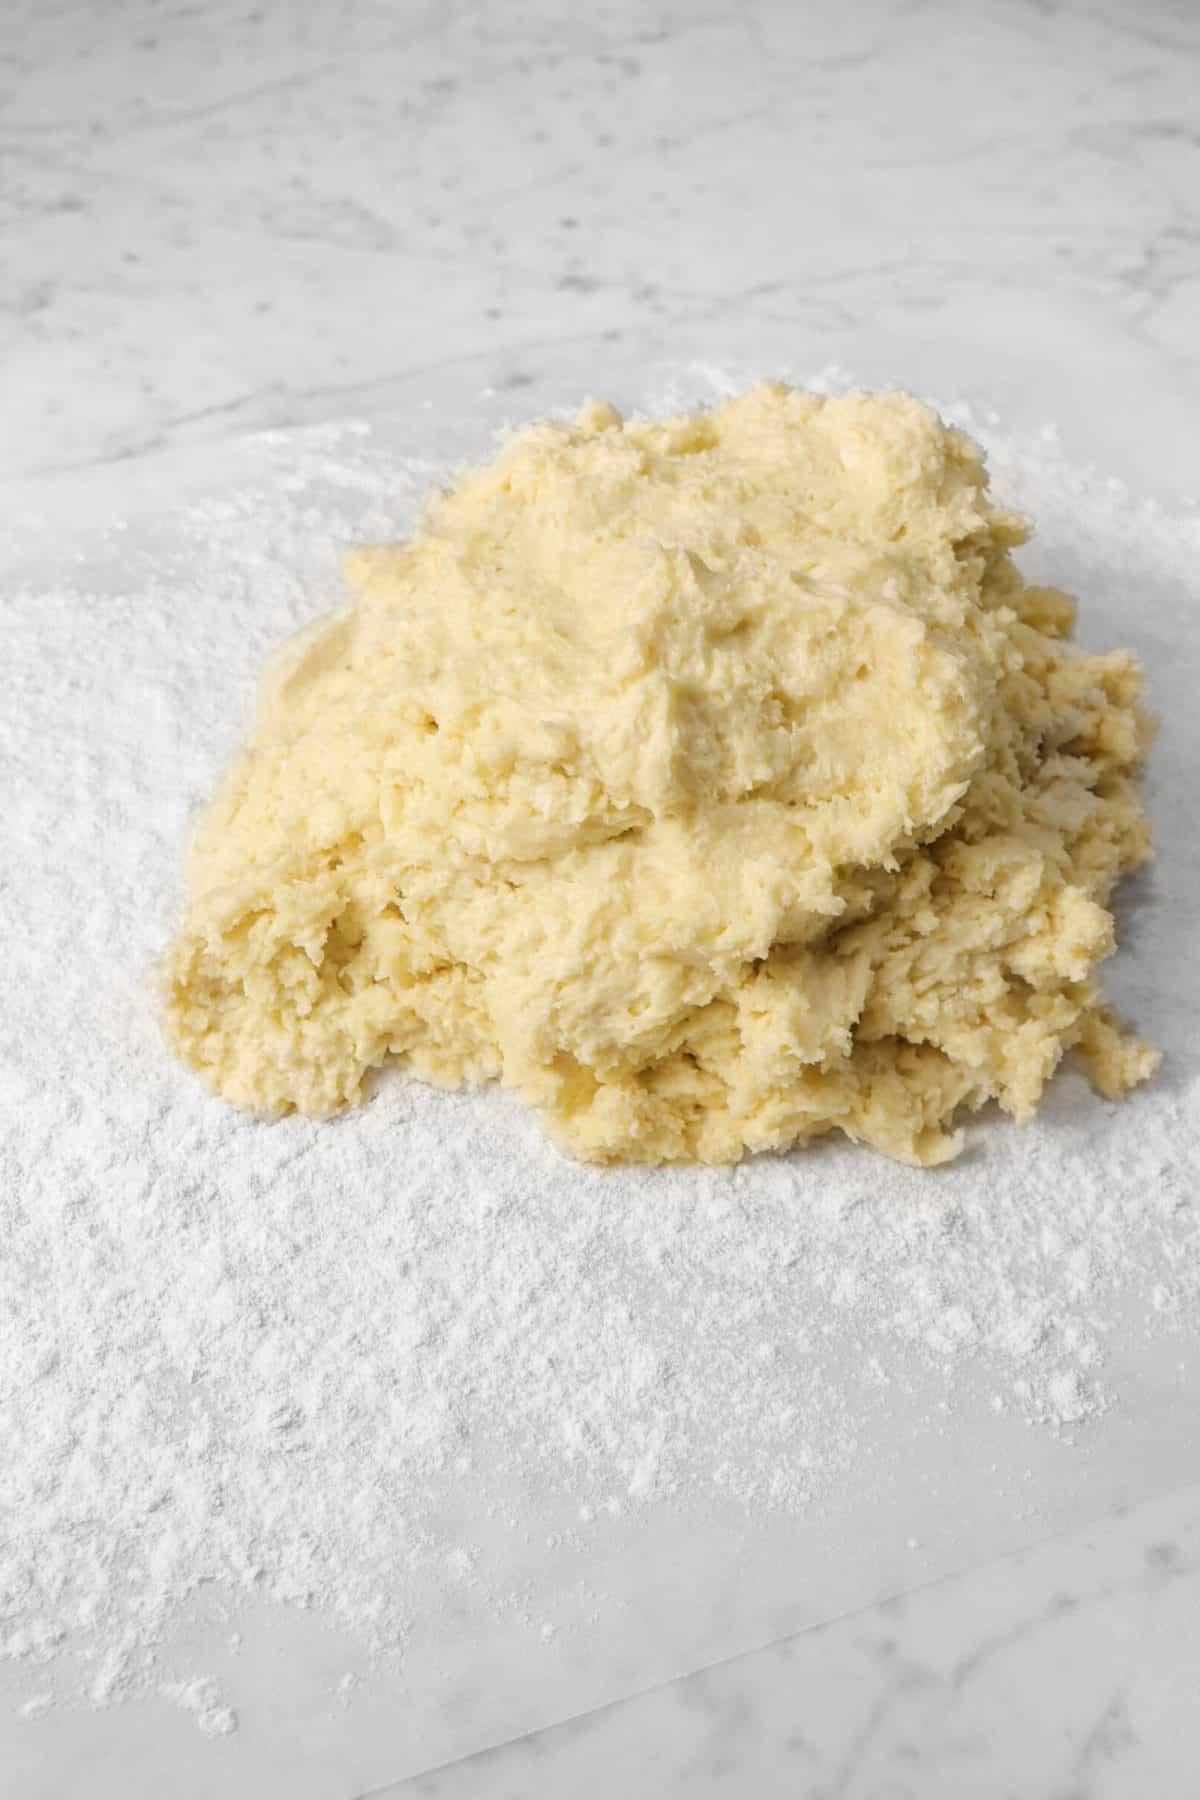 shortcake dough on parchment paper